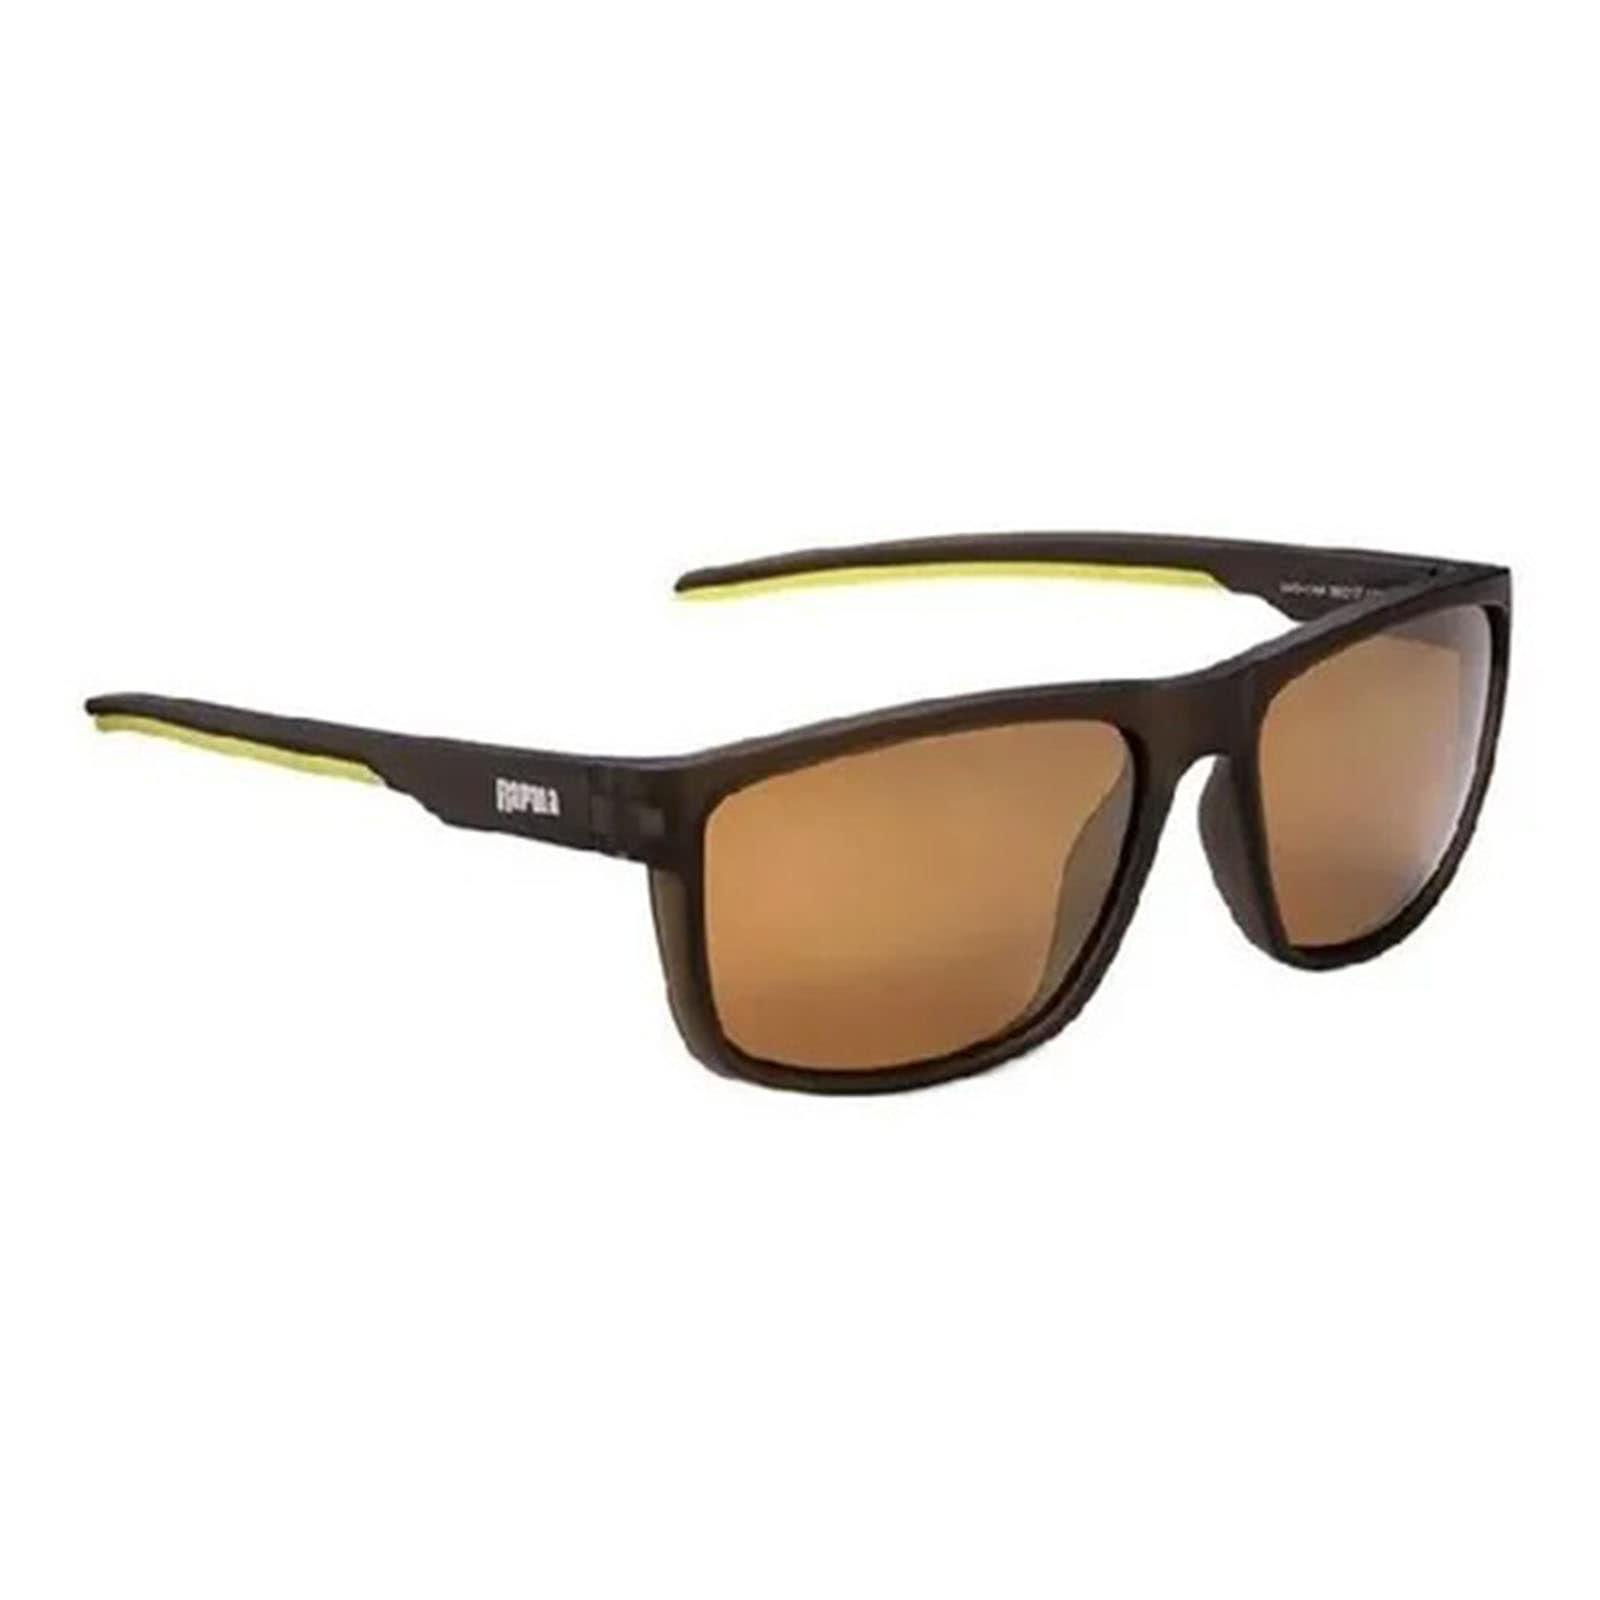 Óculos Polarizado Rapala Urban Vision Gear